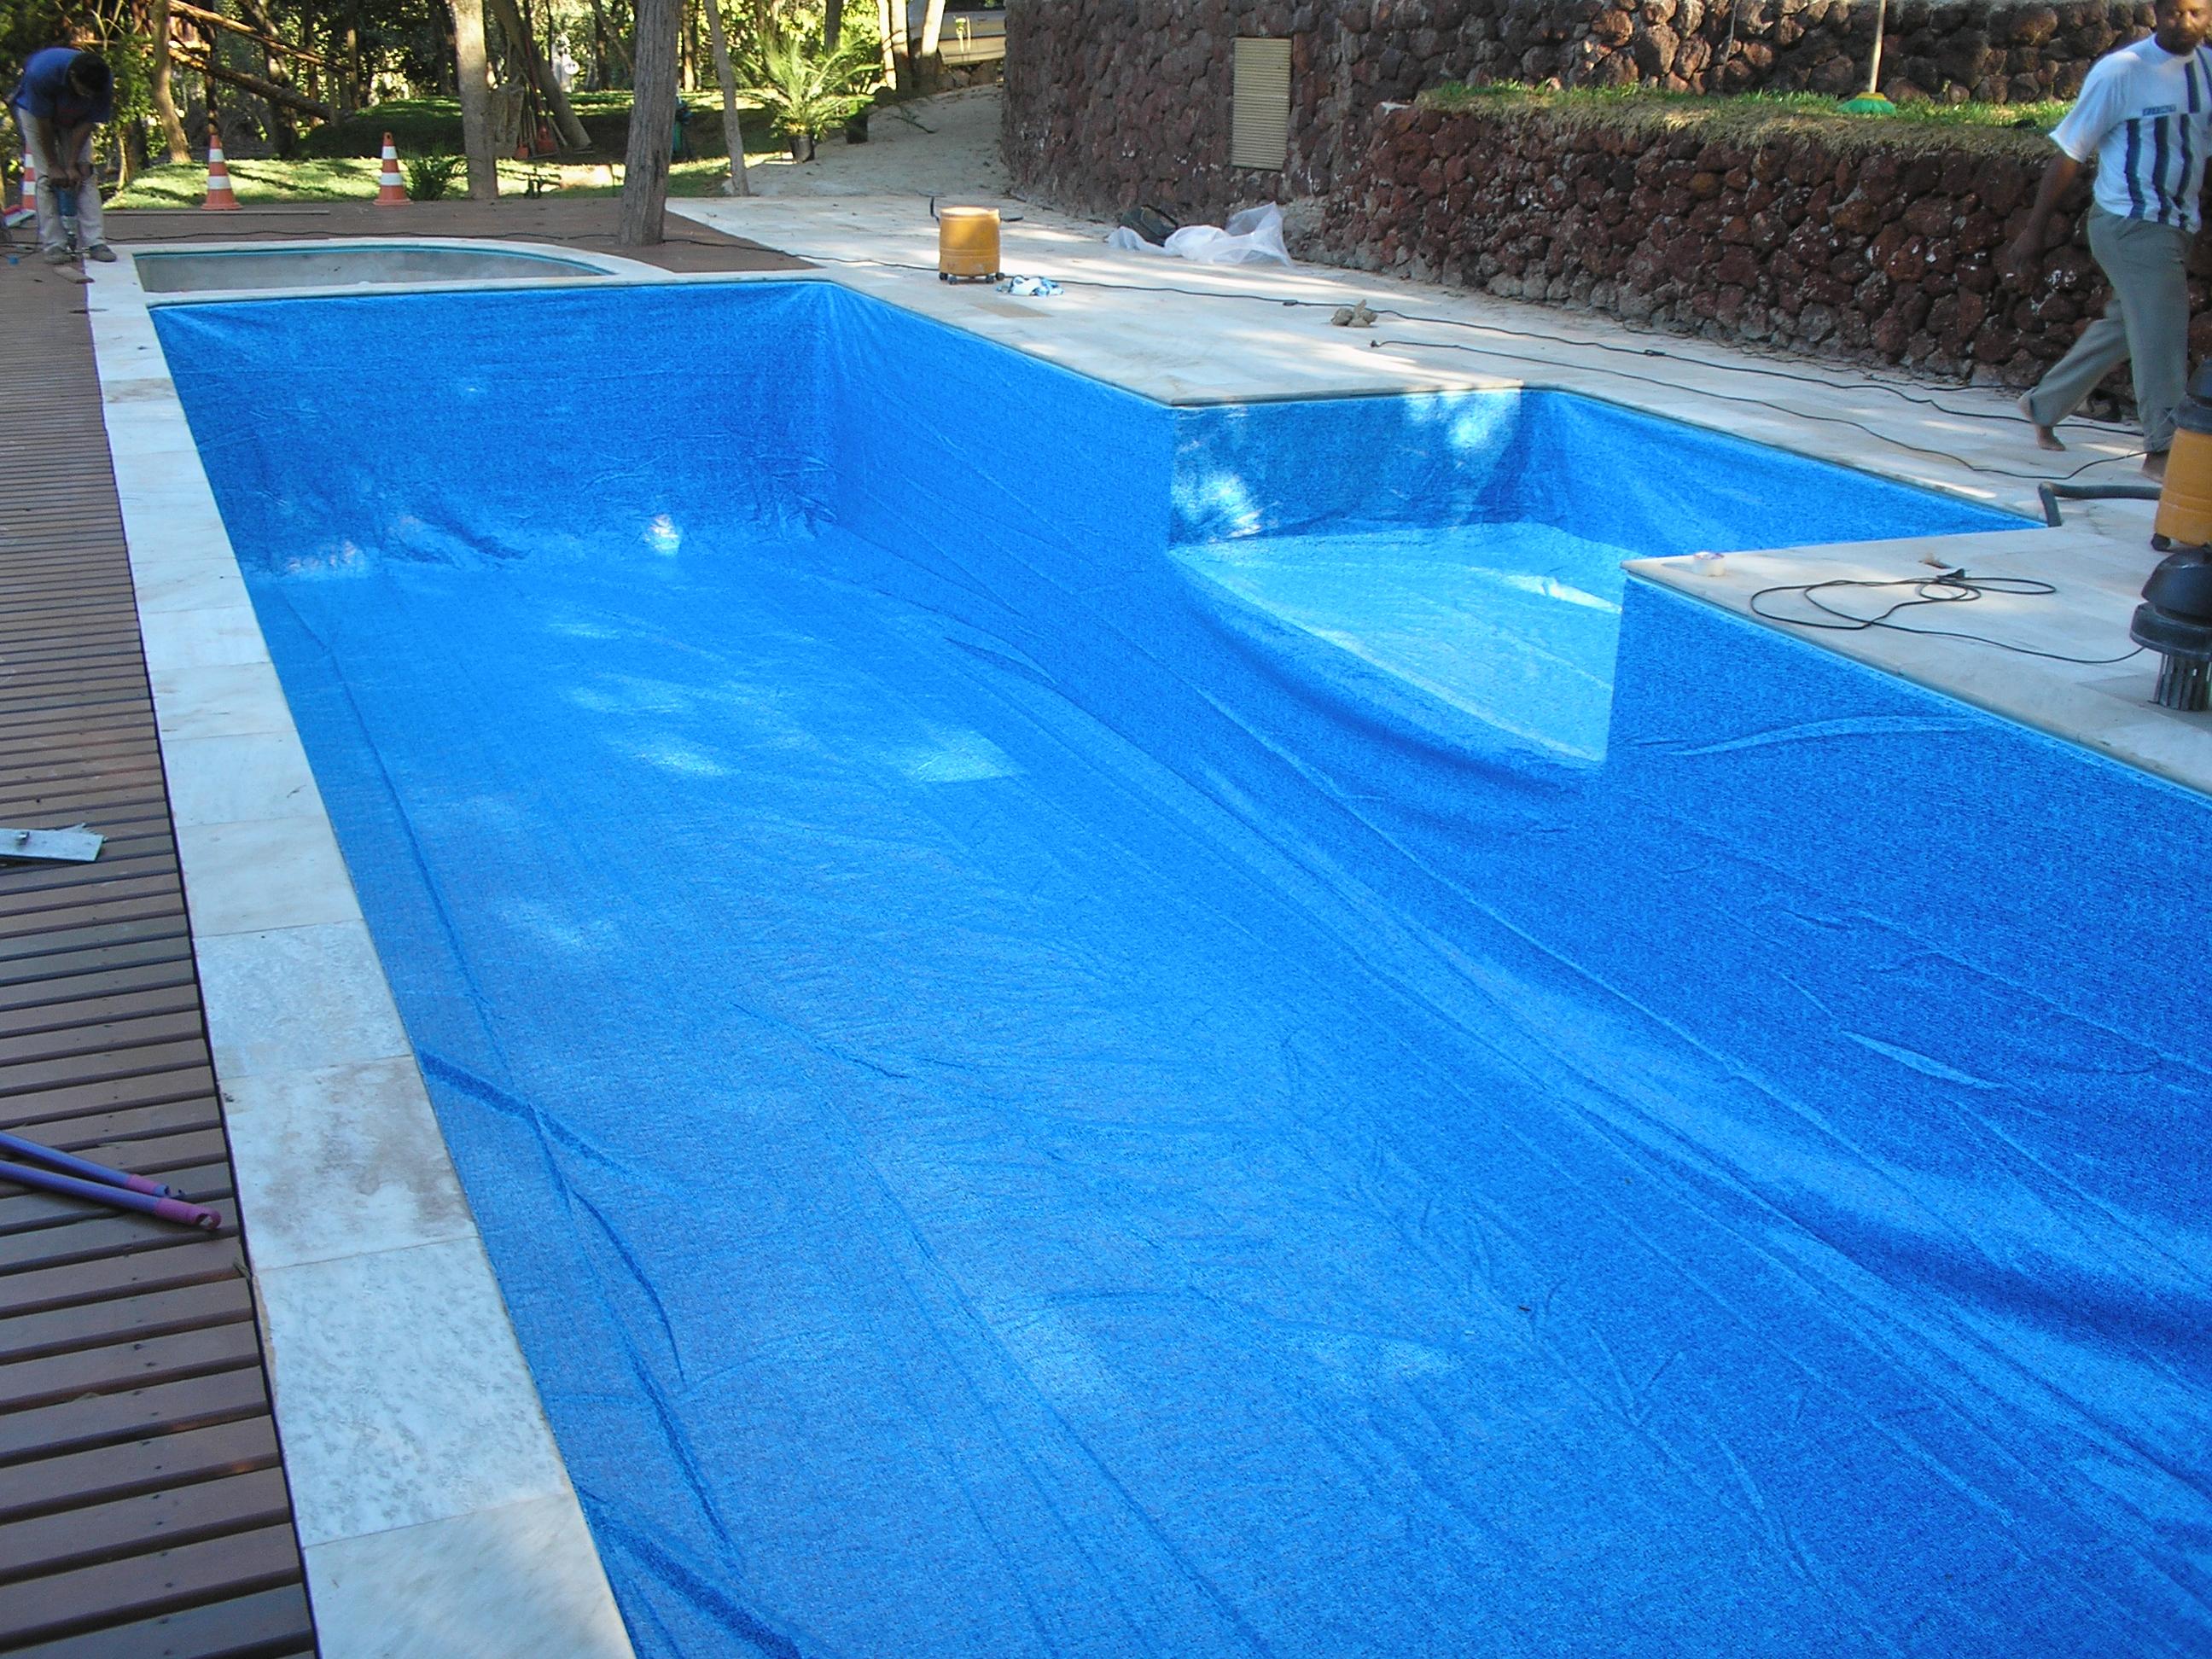 Troca do vinil de piscinas trocar vinil da piscina em bh for Piscinas de lona rectangulares